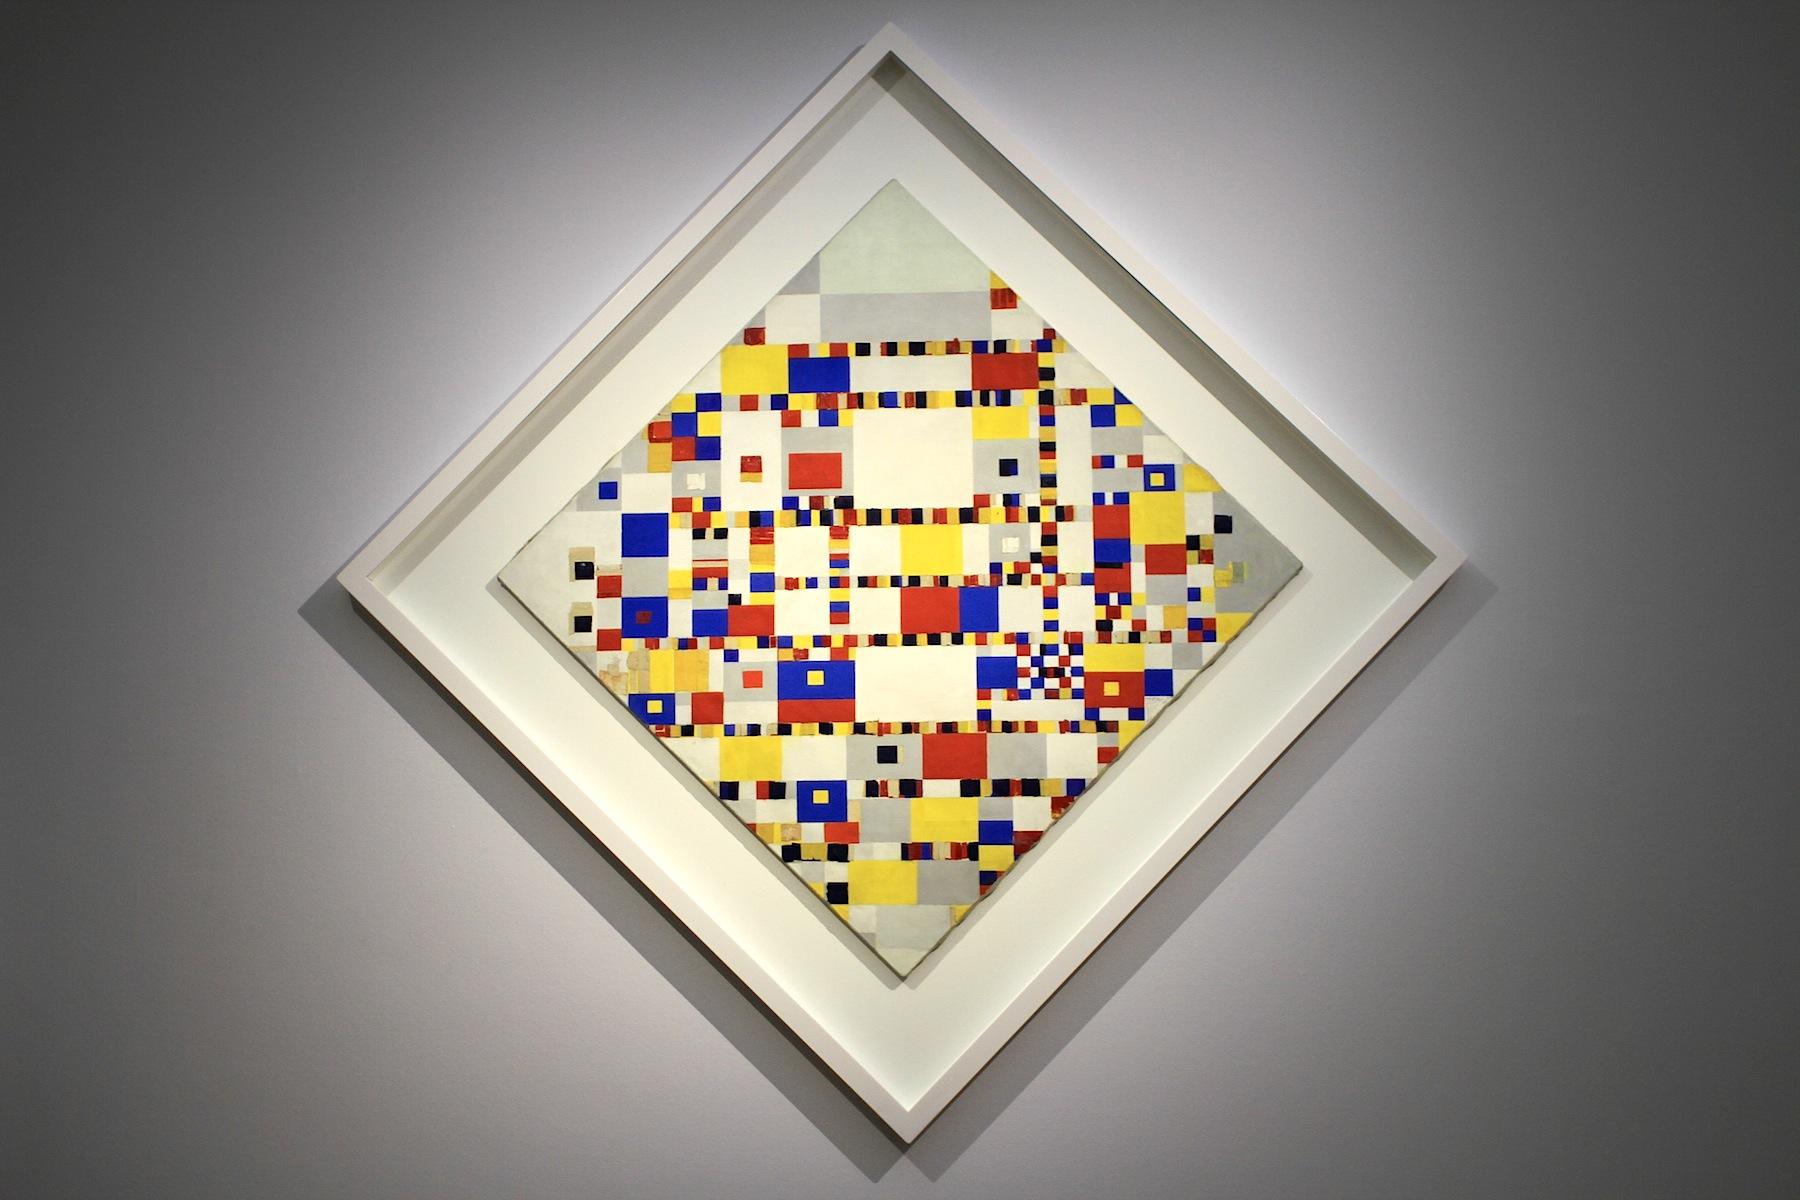 """Gemeentemuseum.  Die umfassende Schau würdigt Mondrians Beitrag zum 100jährigen Jubiläum von De Stijl und ist Teil des """"Mondrian to Dutch Design""""-Jahres 2017. Kernstück der Ausstellung: """"Victory Boogie Woogie"""" (1942-1944)."""